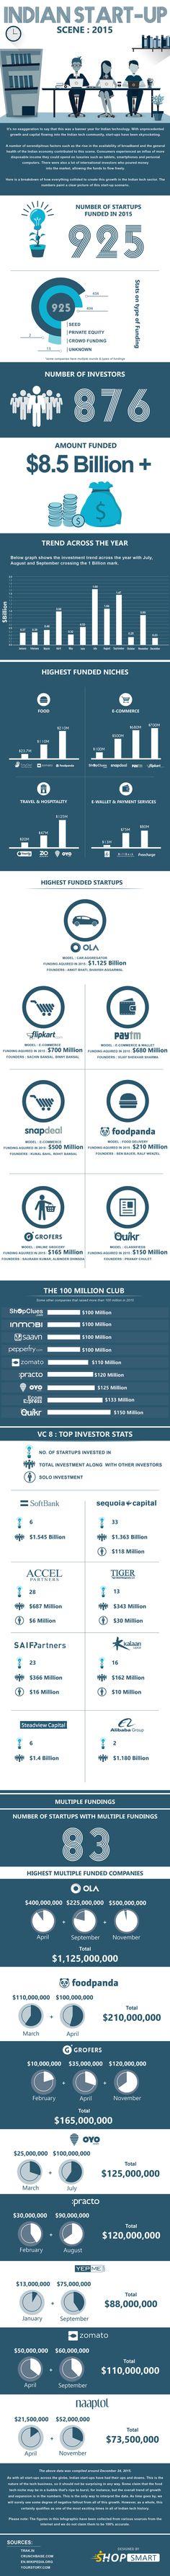 India startup 2015 recap